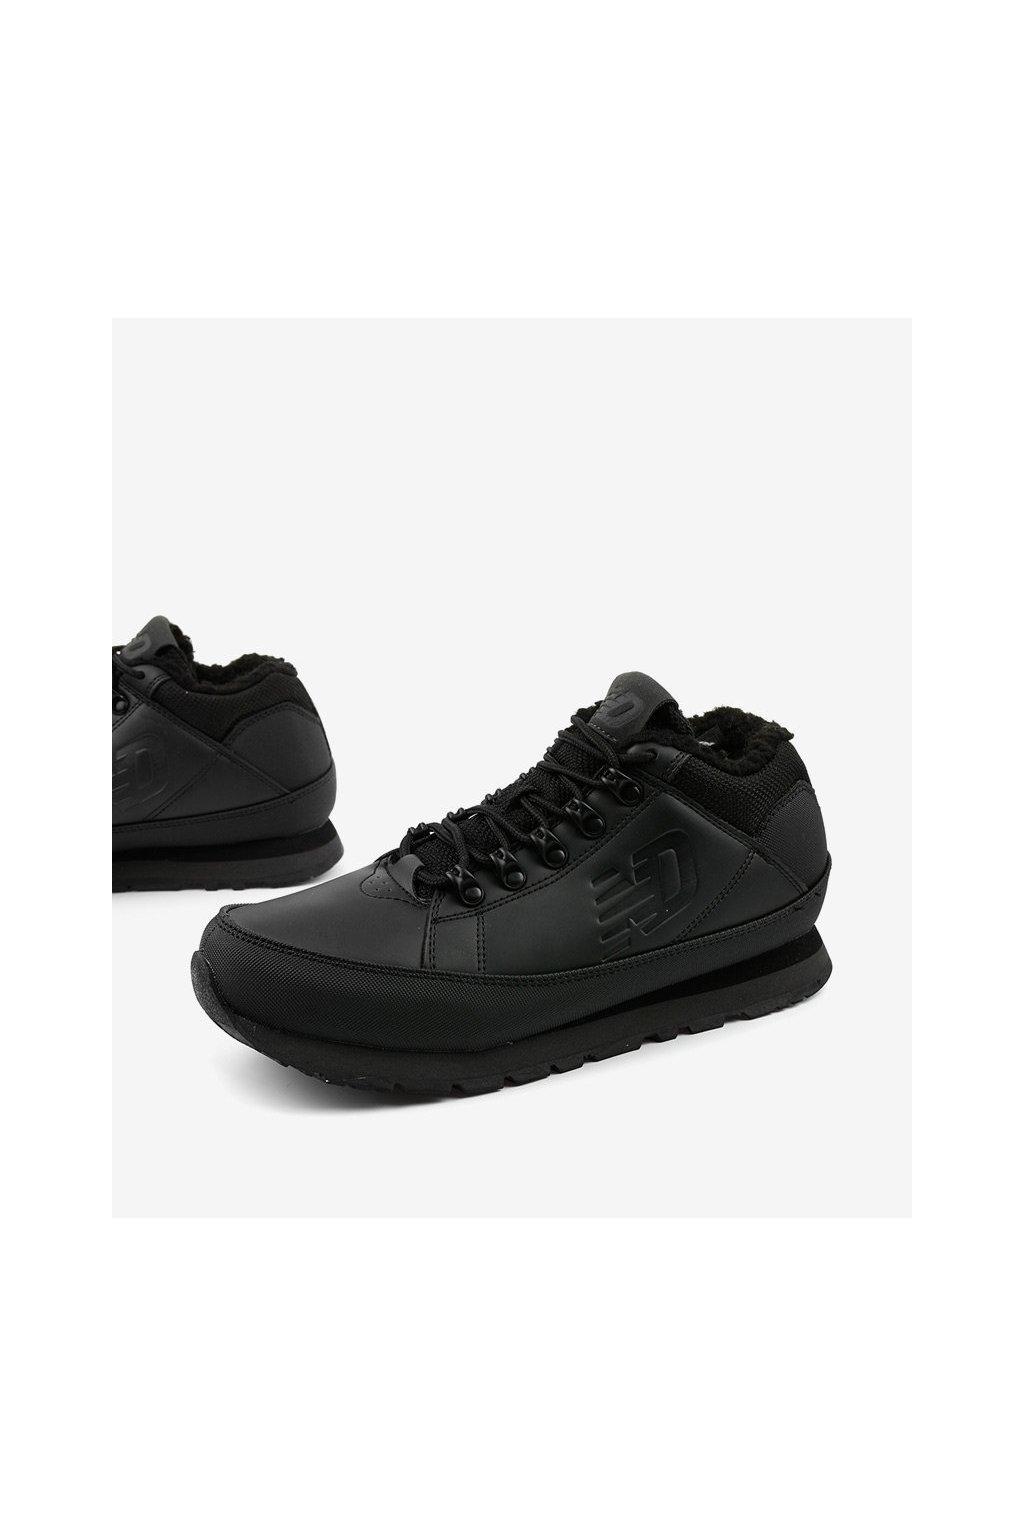 Pánske topánky tenisky čierne kód - GM